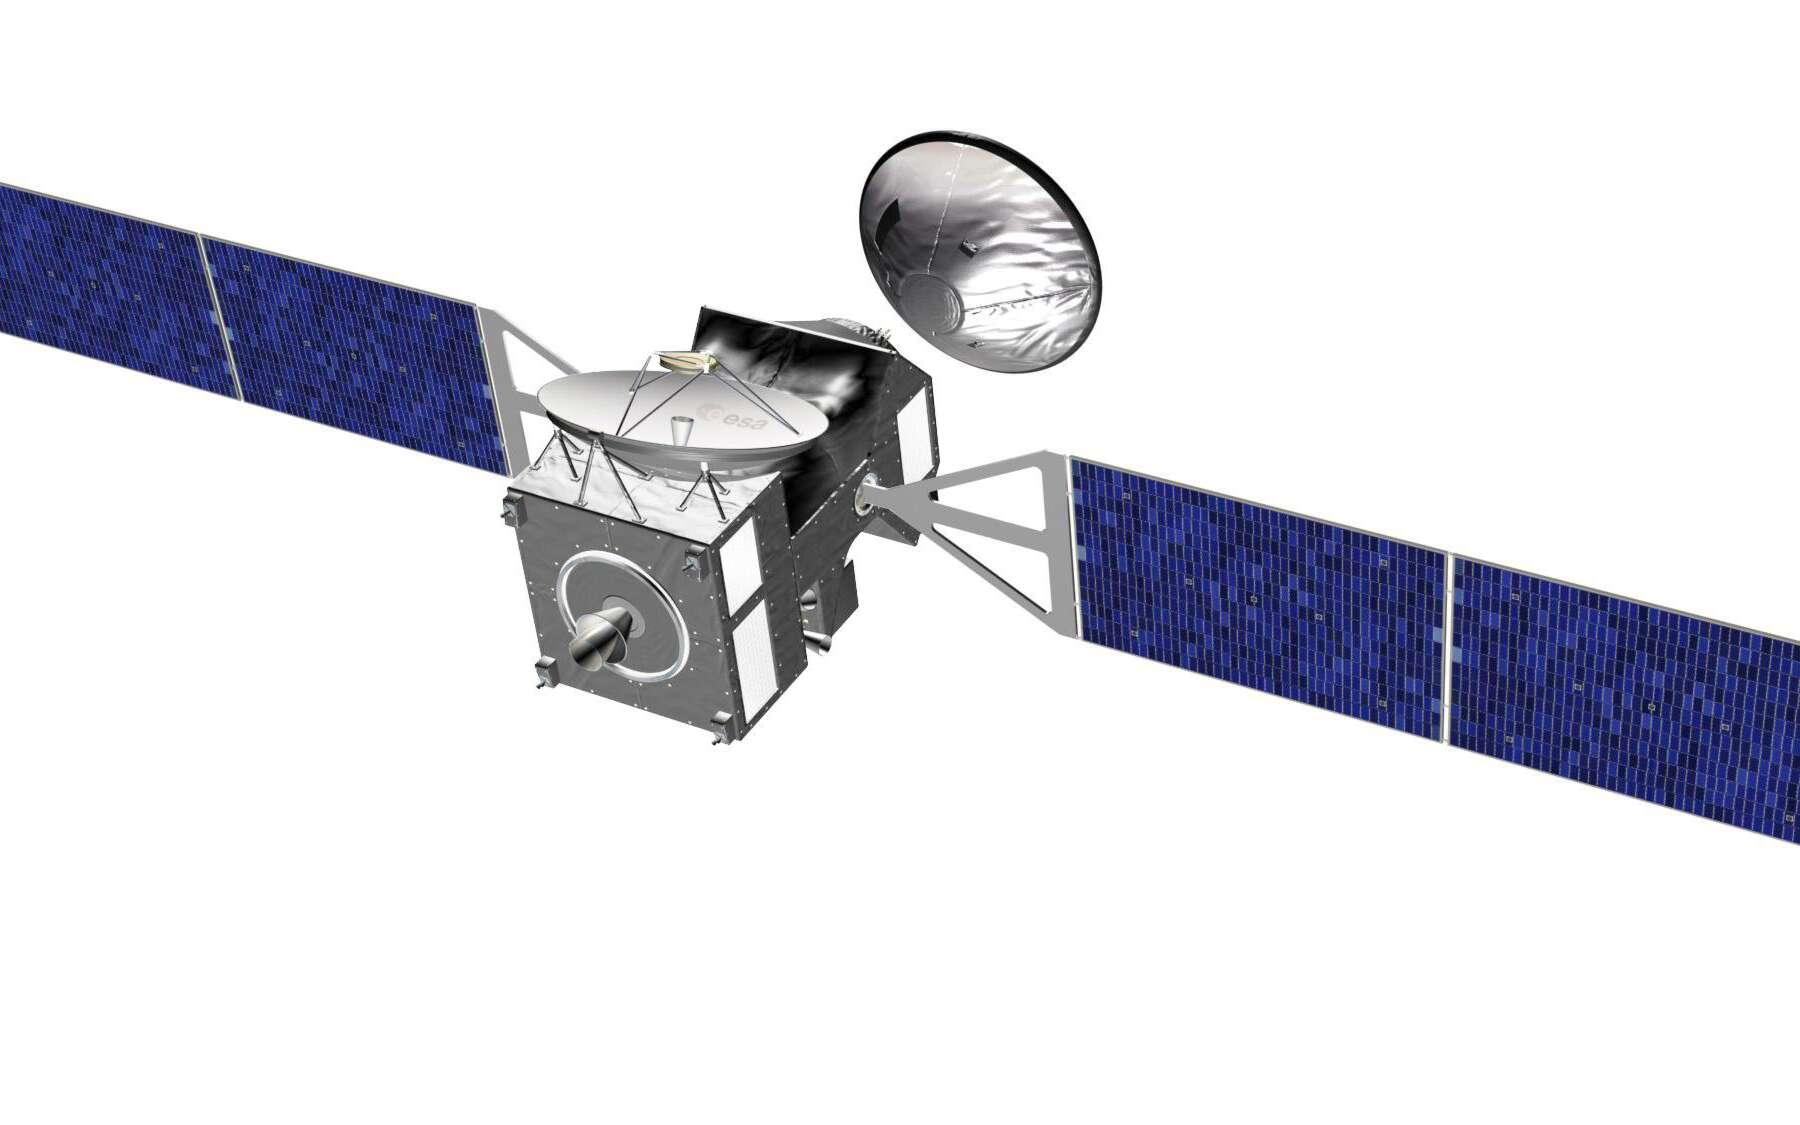 L'orbiteur Trace Gas Orbiter d'ExoMars et l'atterrisseur de l'Esa qui permettra à l'Europe d'apprendre à se poser sur Mars. Crédit Esa